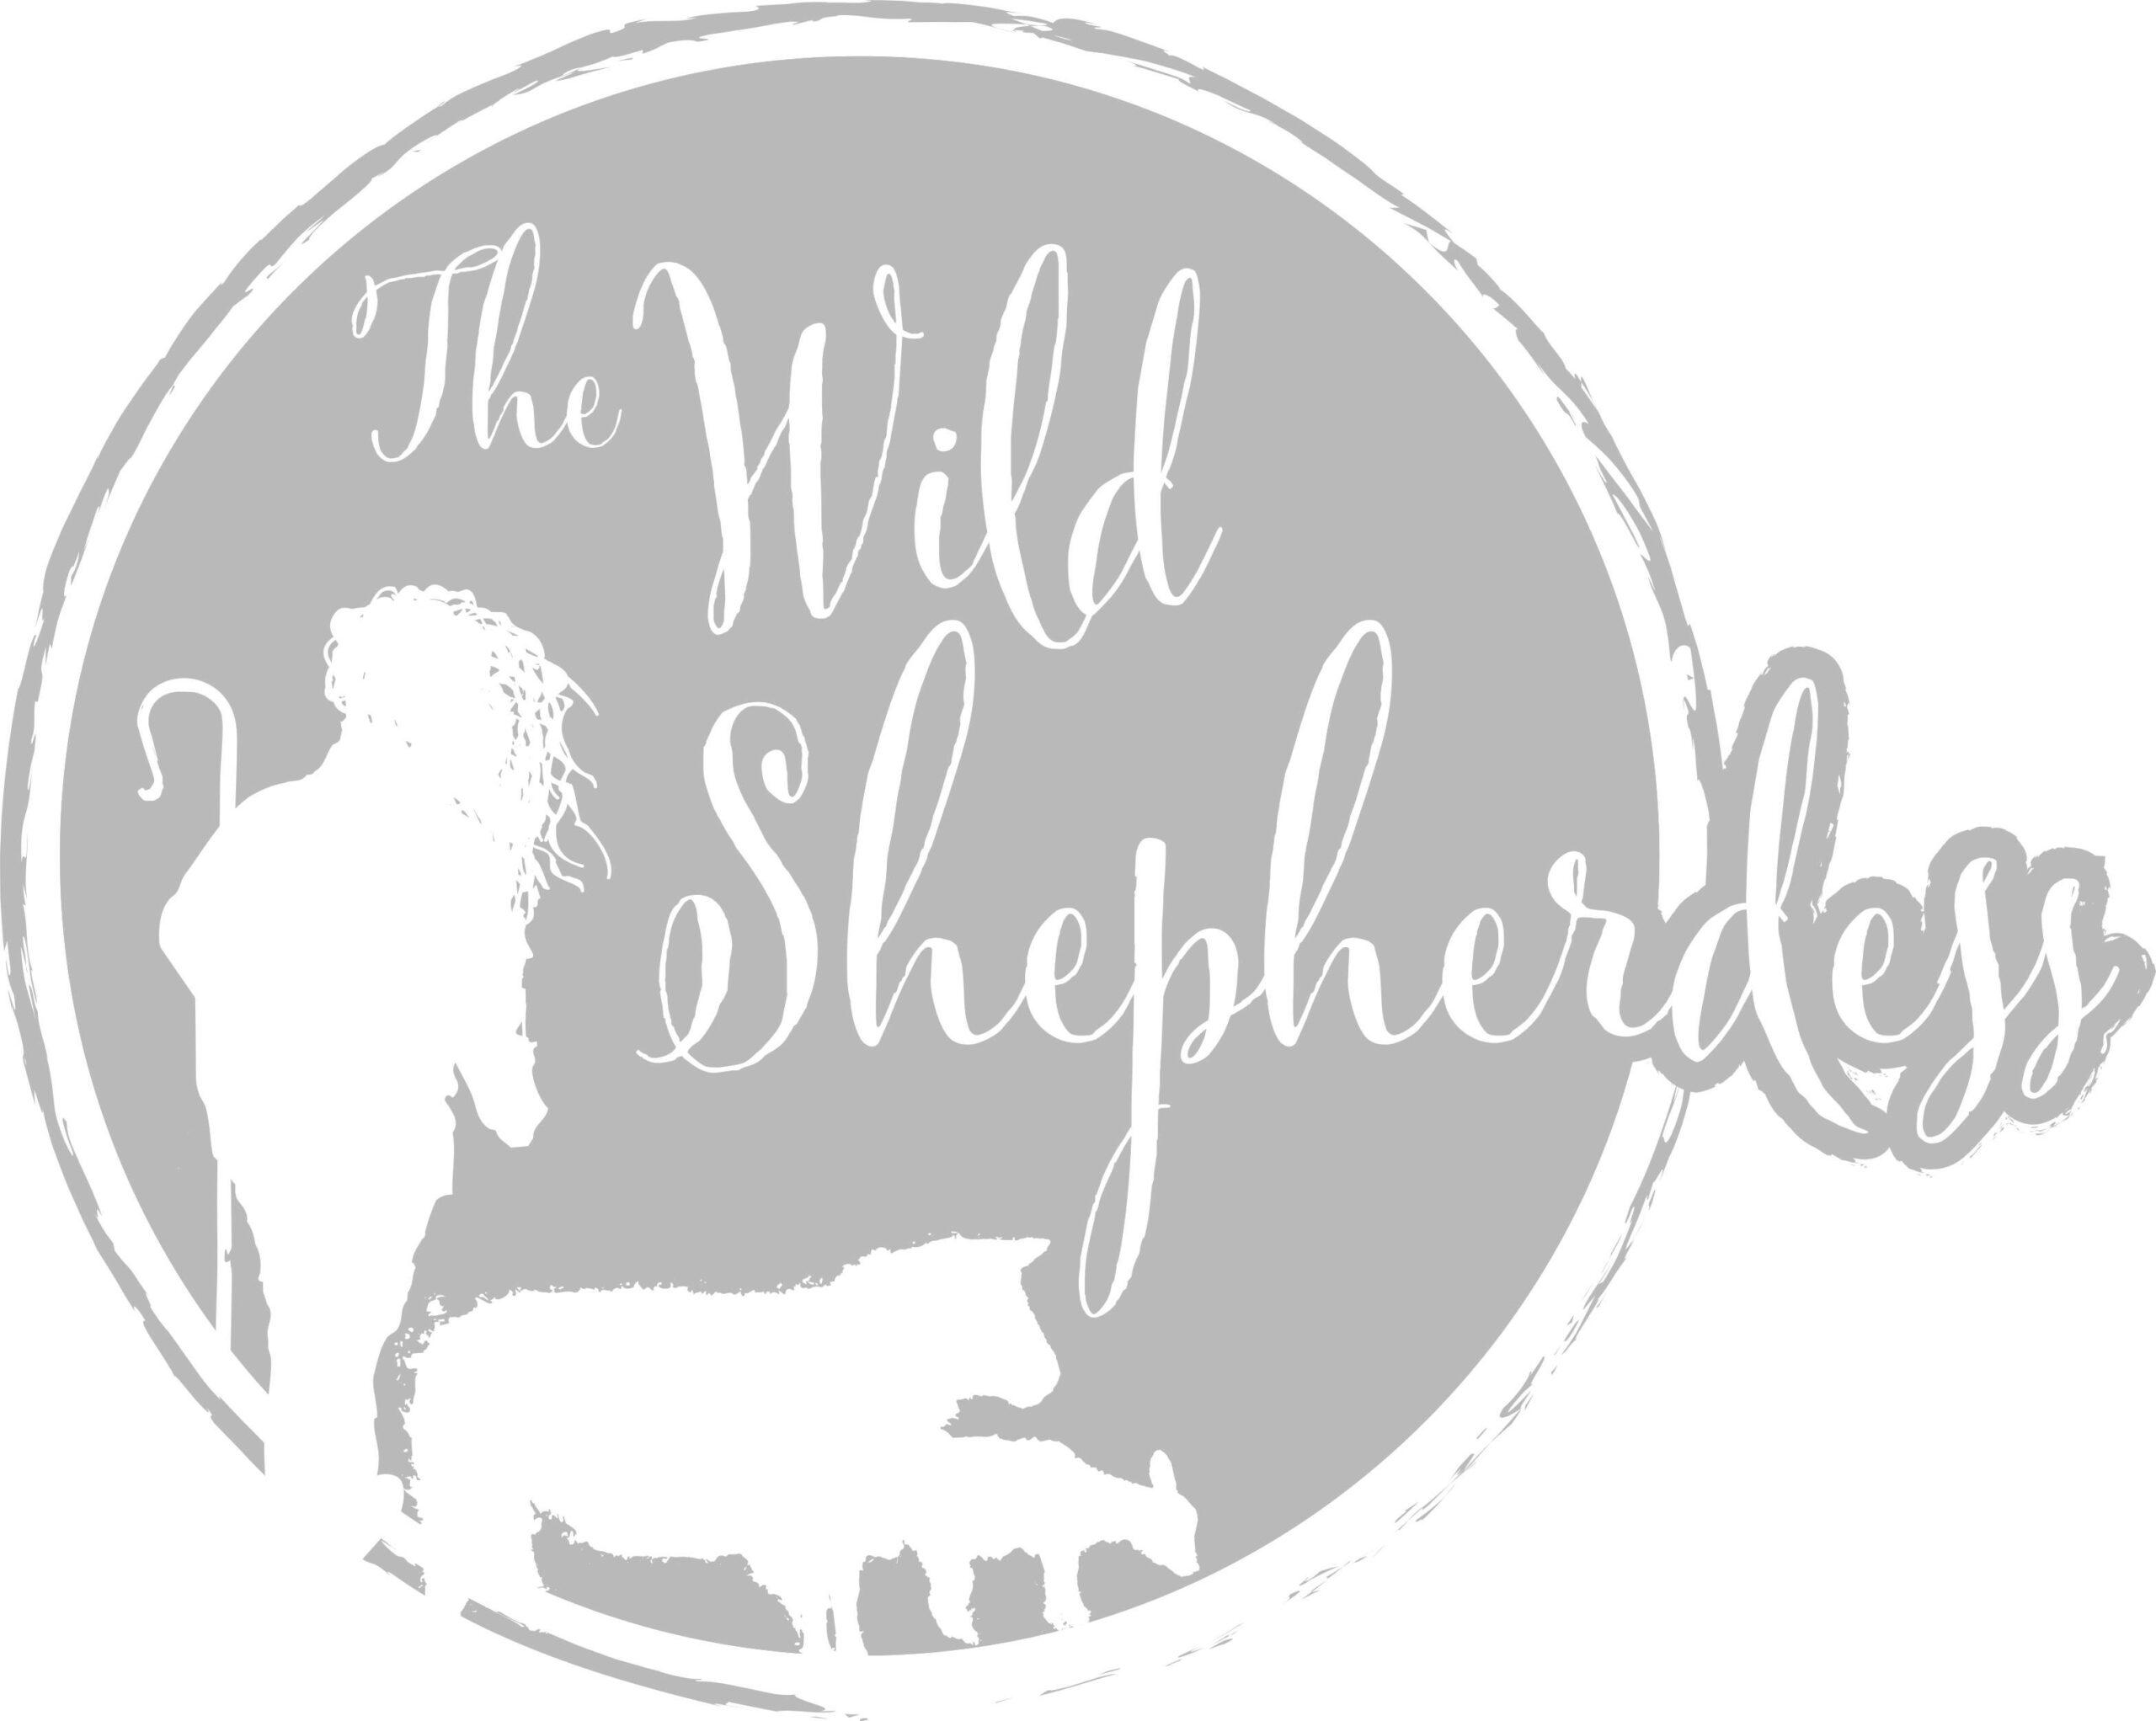 The Wild Shepherdess logo